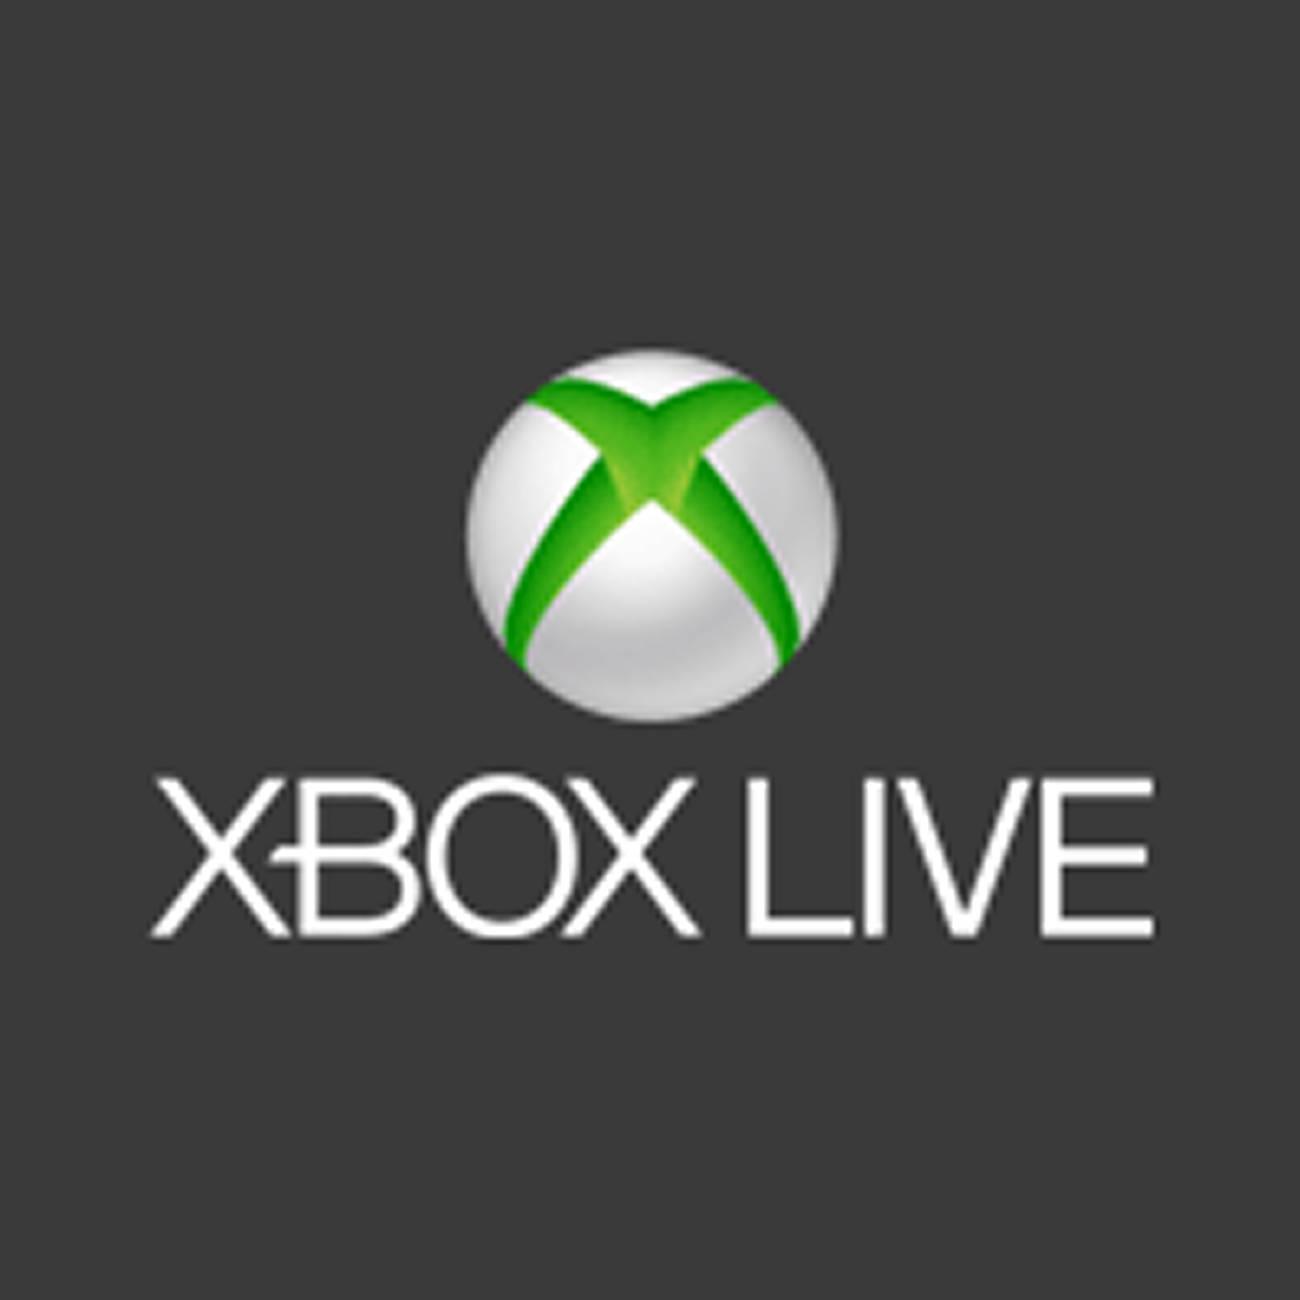 ニンテンドースイッチ、Xbox Live対応。実績も獲得